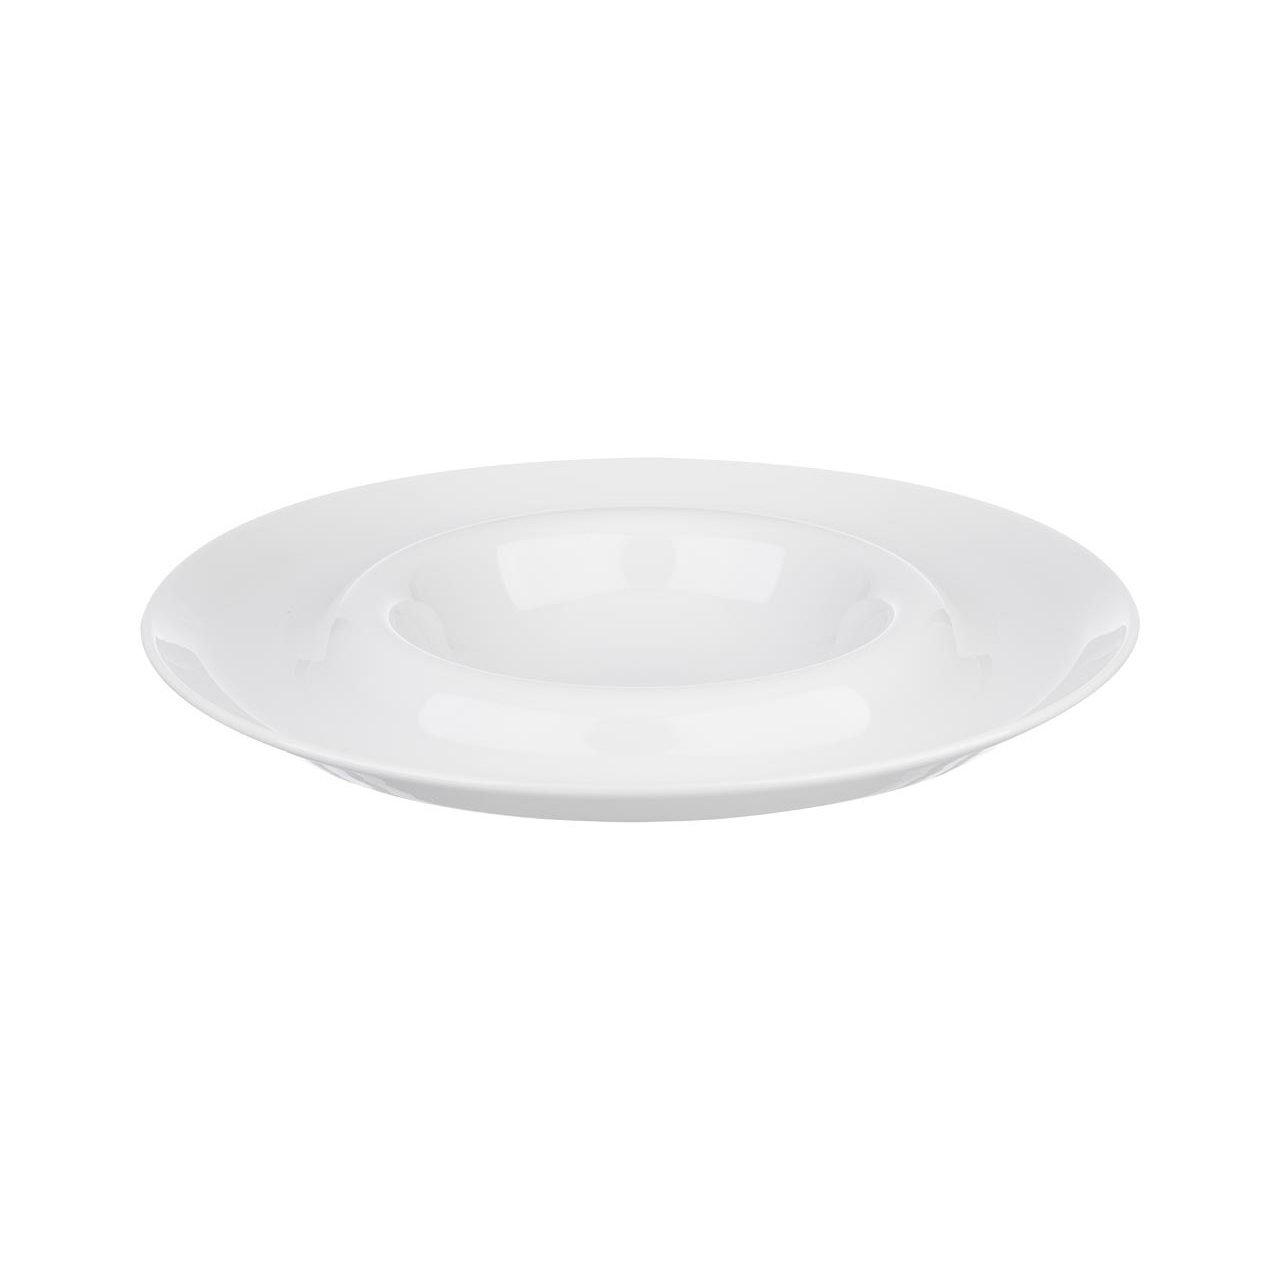 белая тарелка для пасты с широкими полями и красиво оформленным бортом тарелки